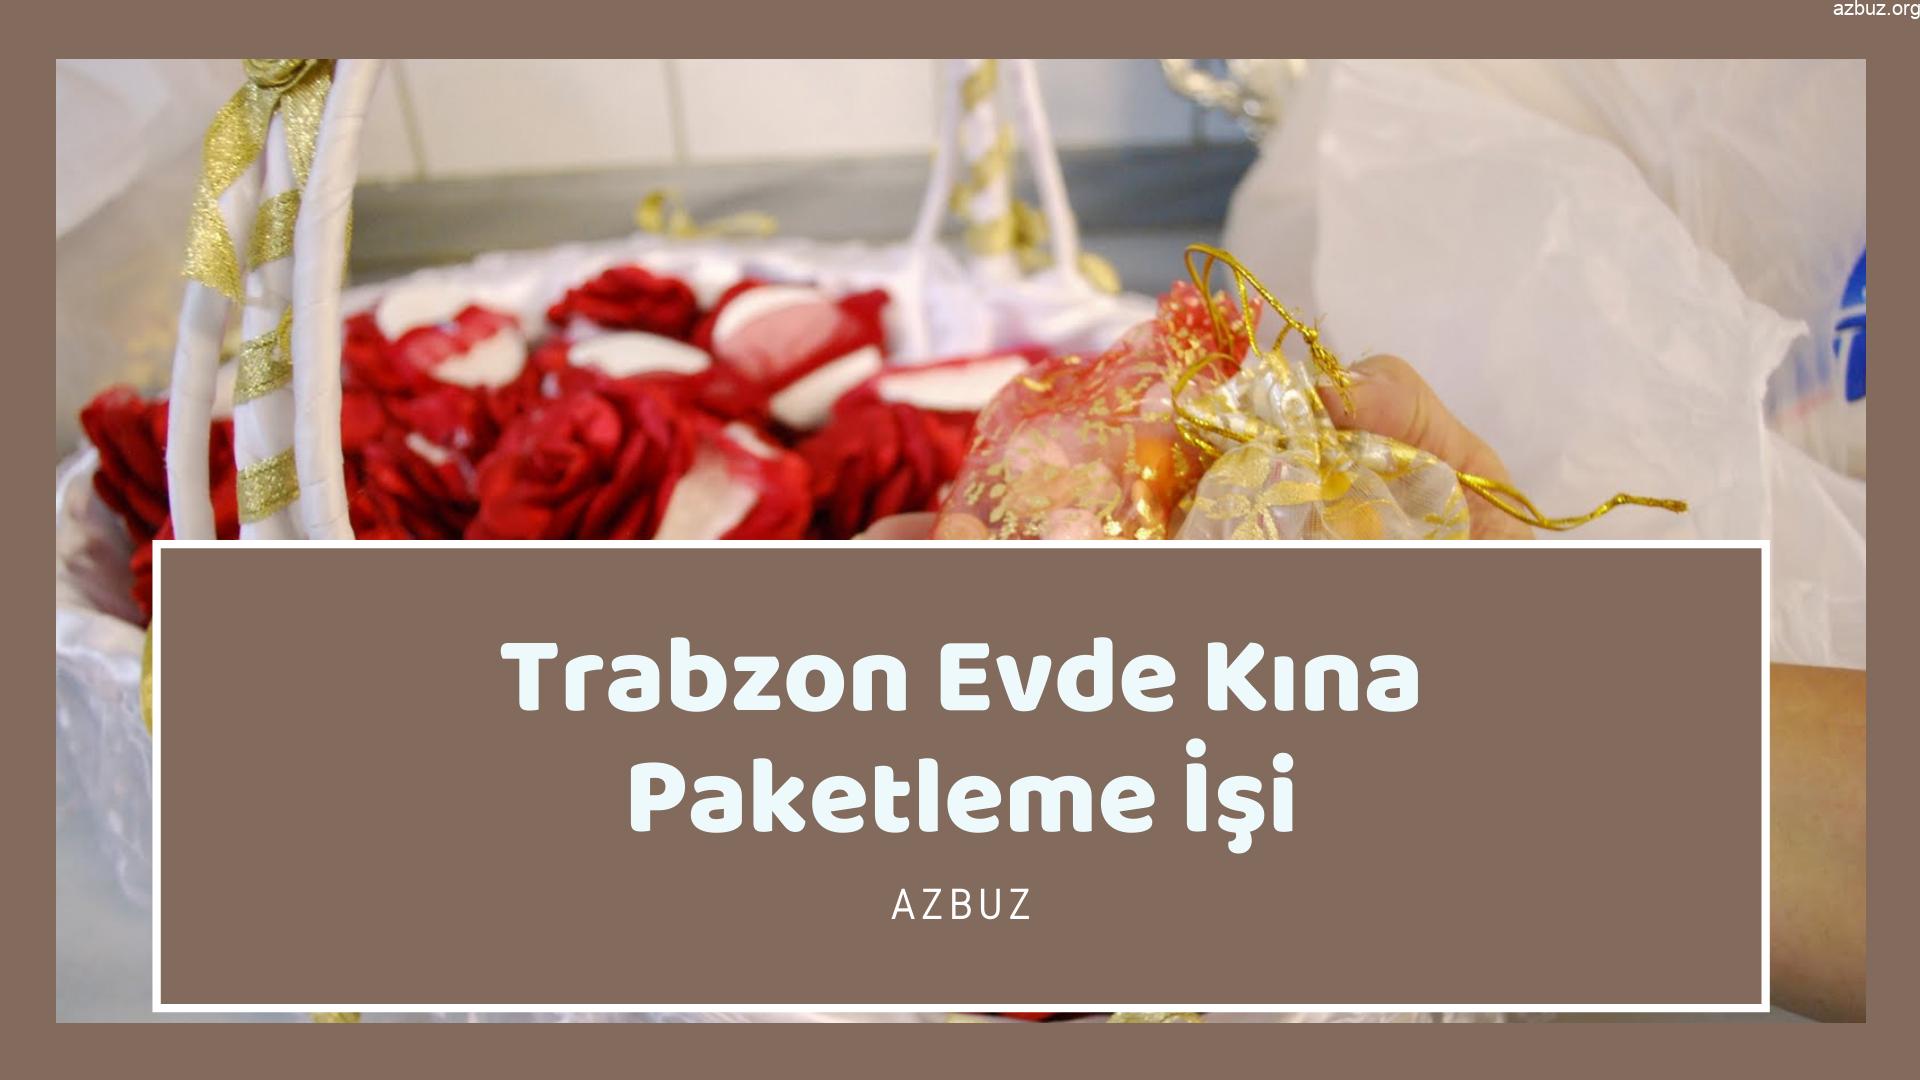 Trabzon Evde Kına Paketleme İşi